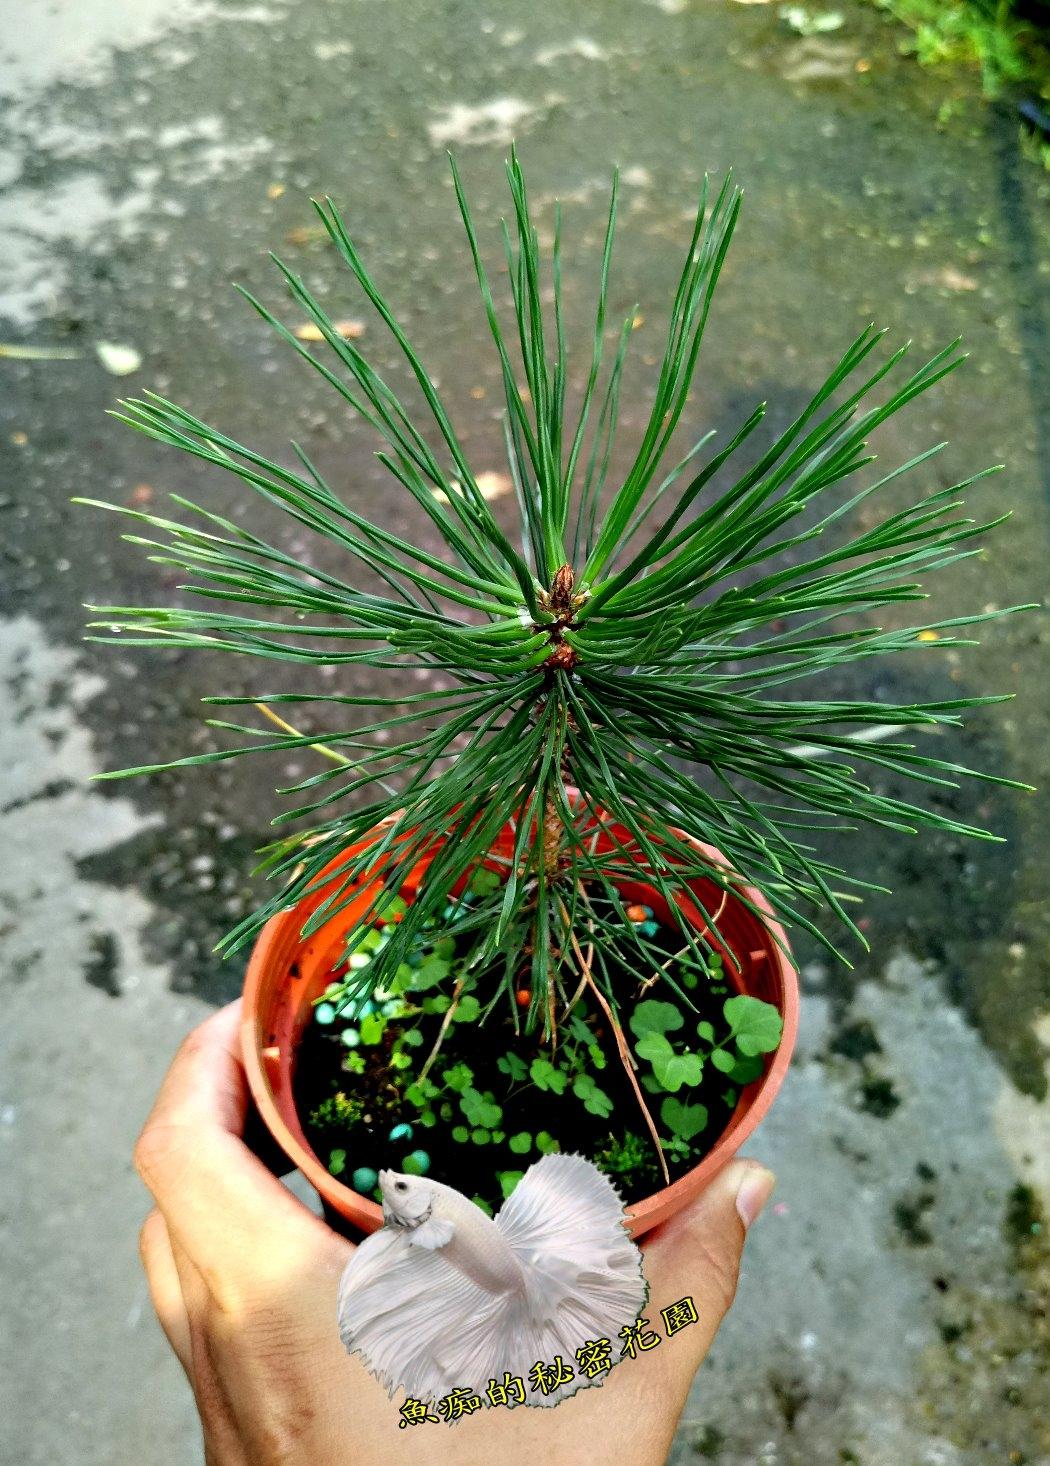 活體黑松小松樹盆栽室外植物3吋盆栽送禮小品盆栽